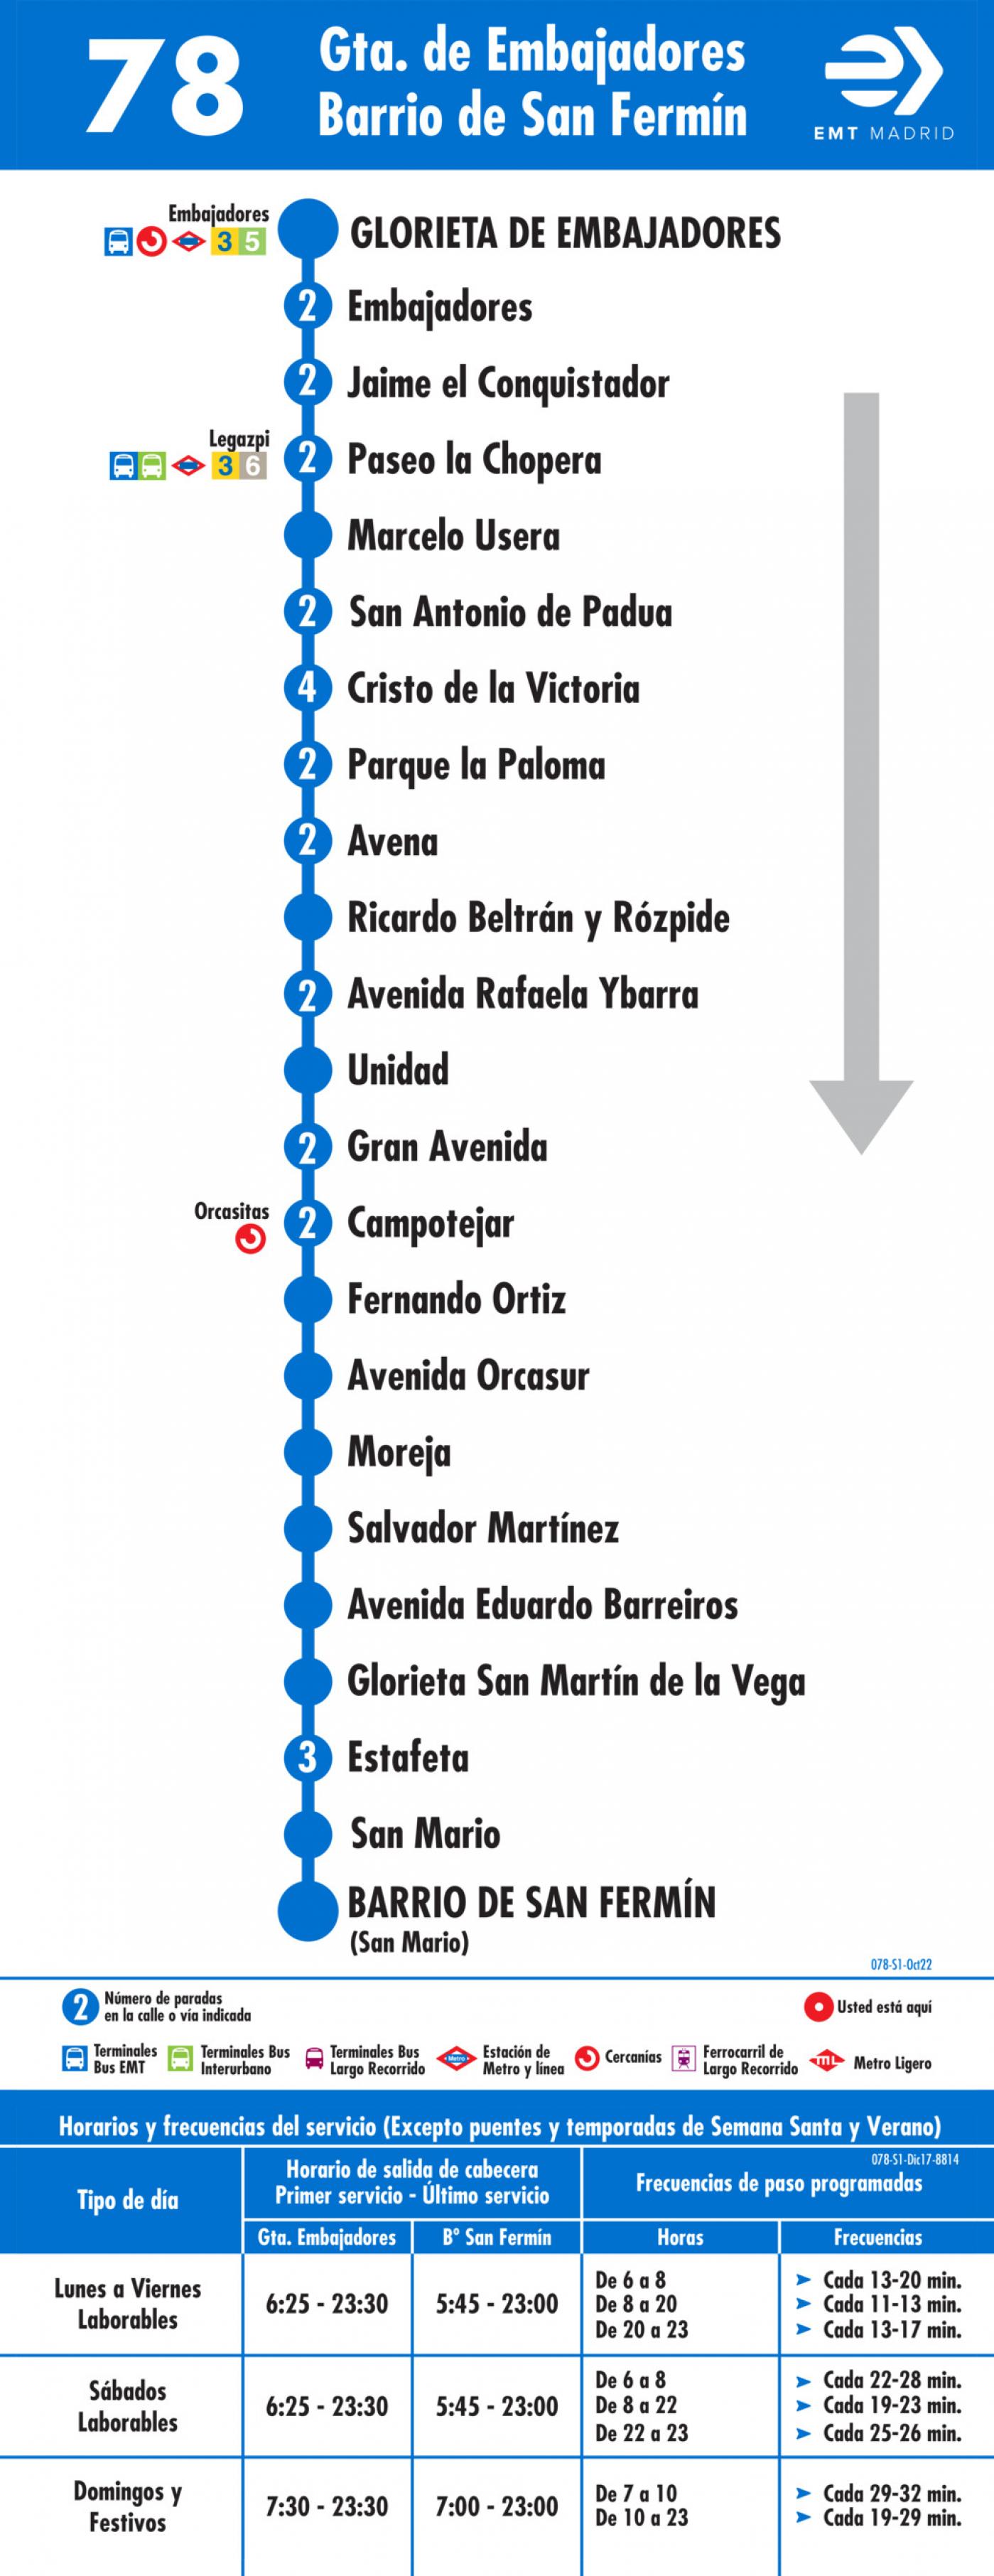 Tabla de horarios y frecuencias de paso en sentido ida Línea 78: Glorieta de Embajadores - Barrio de San Fermín